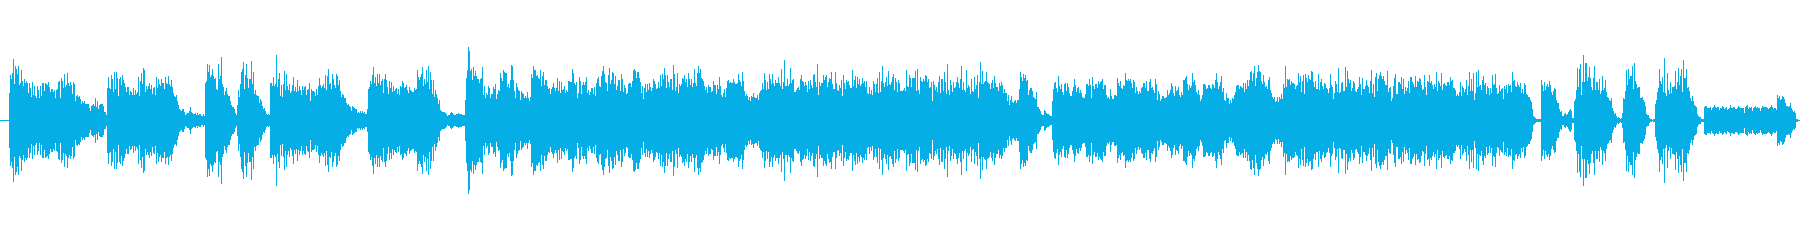 出囃子ロック入場CMオープニングテクノの再生済みの波形